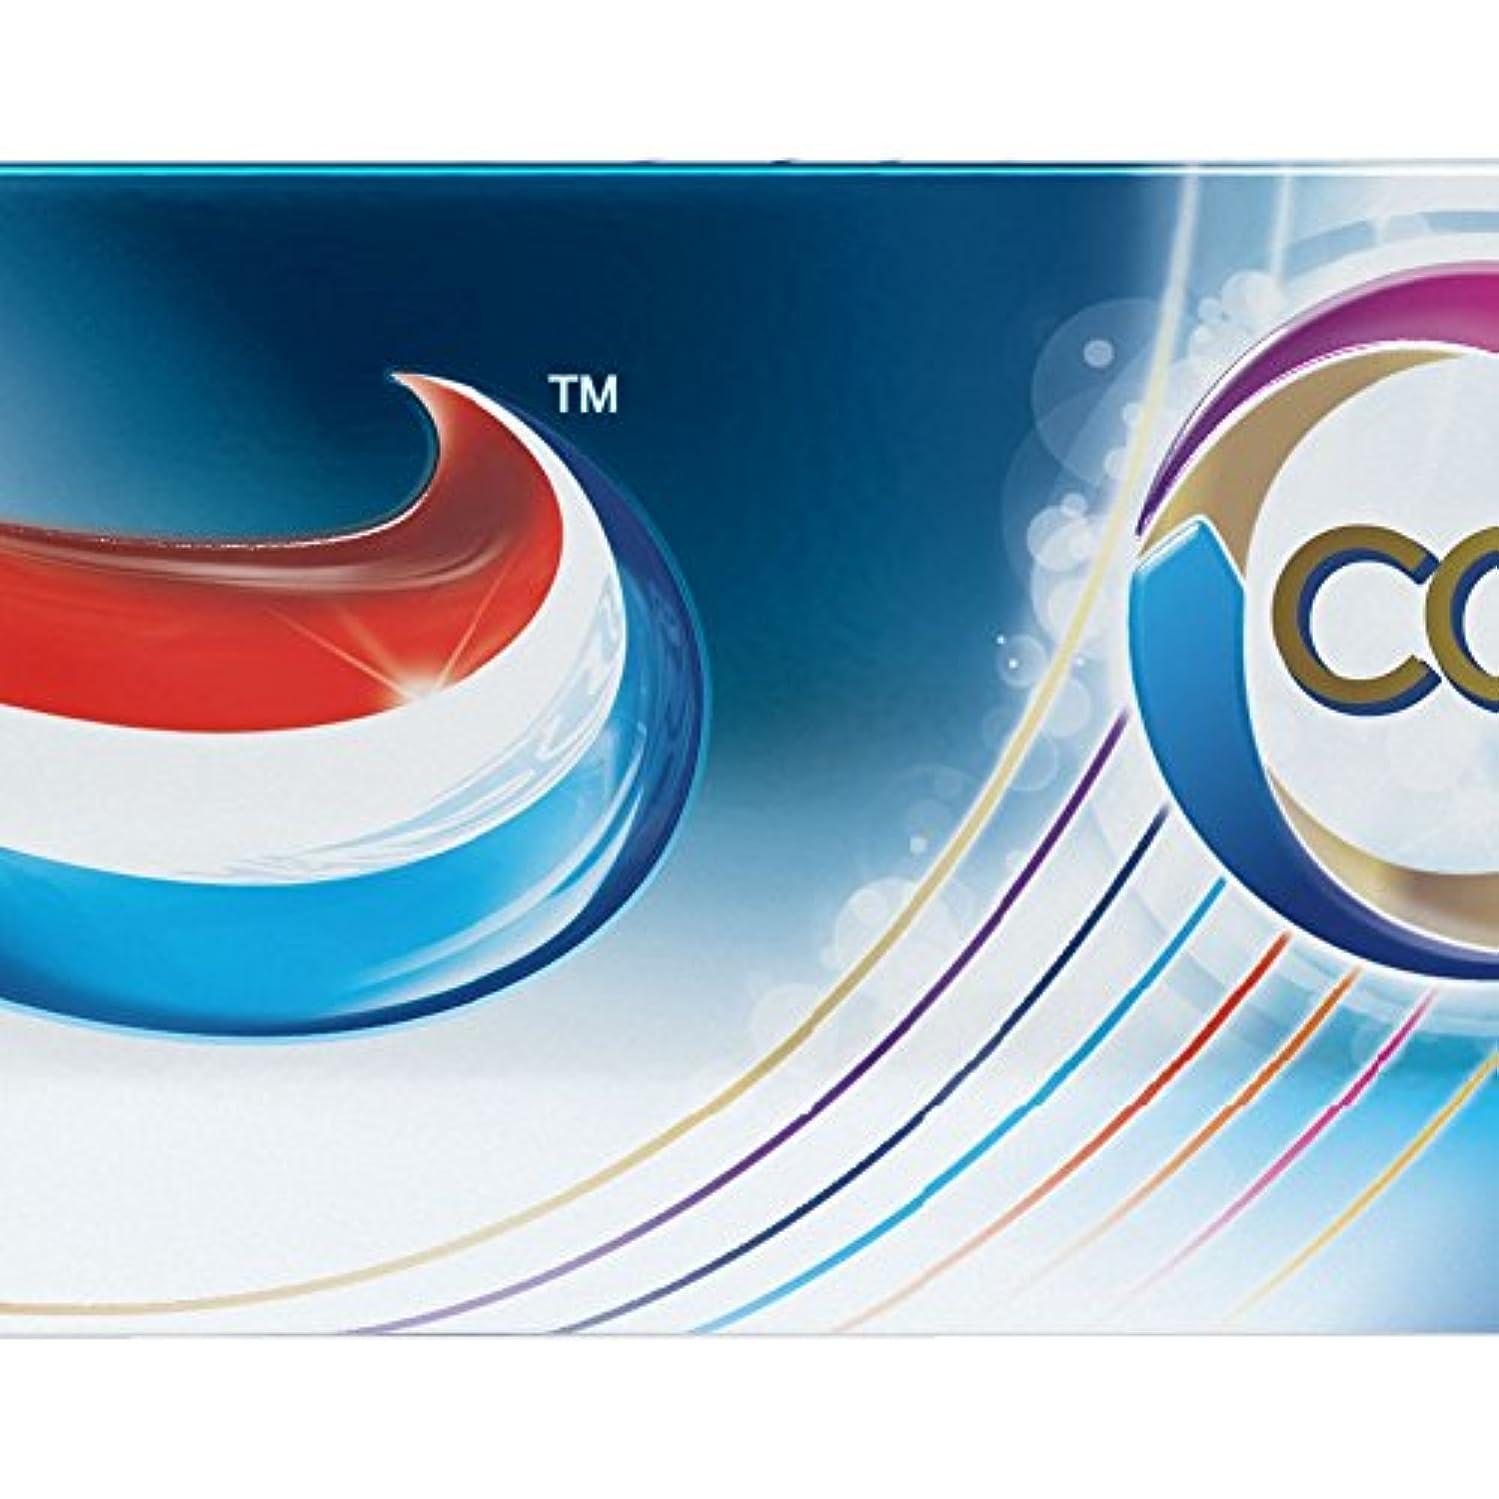 インセンティブ脱獄乳白Aquafresh Complete Care Fluoride Toothpaste (75ml) アクアフレッシュコンプリートケアフッ化物歯磨き粉( 75ミリリットル) [並行輸入品]